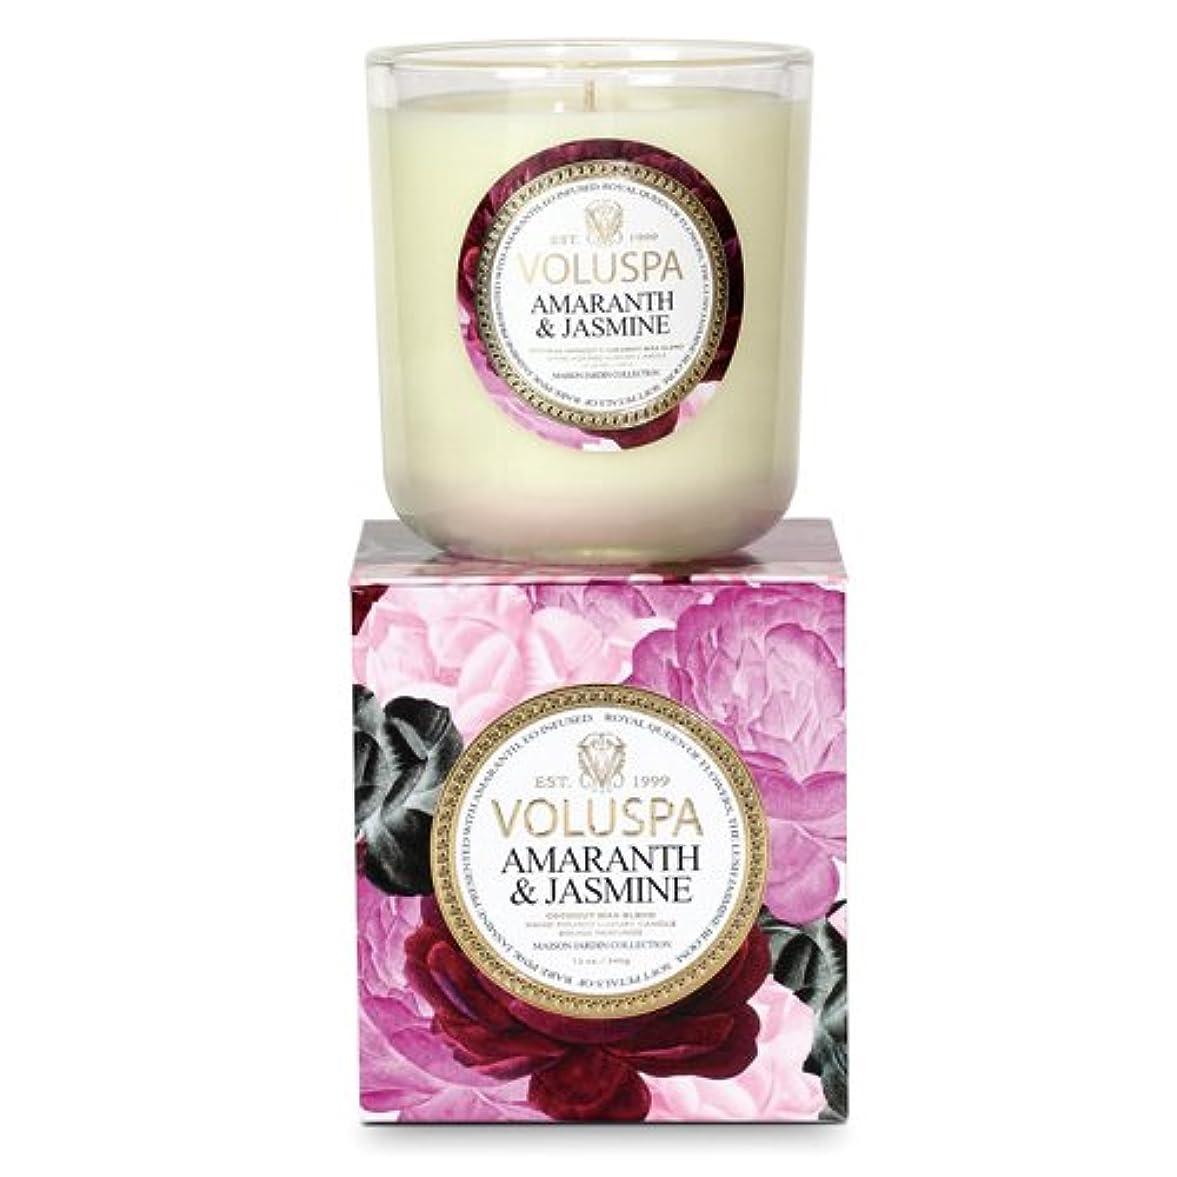 基礎不機嫌そうななぜVoluspa ボルスパ メゾンジャルダン ボックス入りグラスキャンドル アマランス&ジャスミン MAISON JARDIN Box Glass Candle AMARANTH & JASMINE